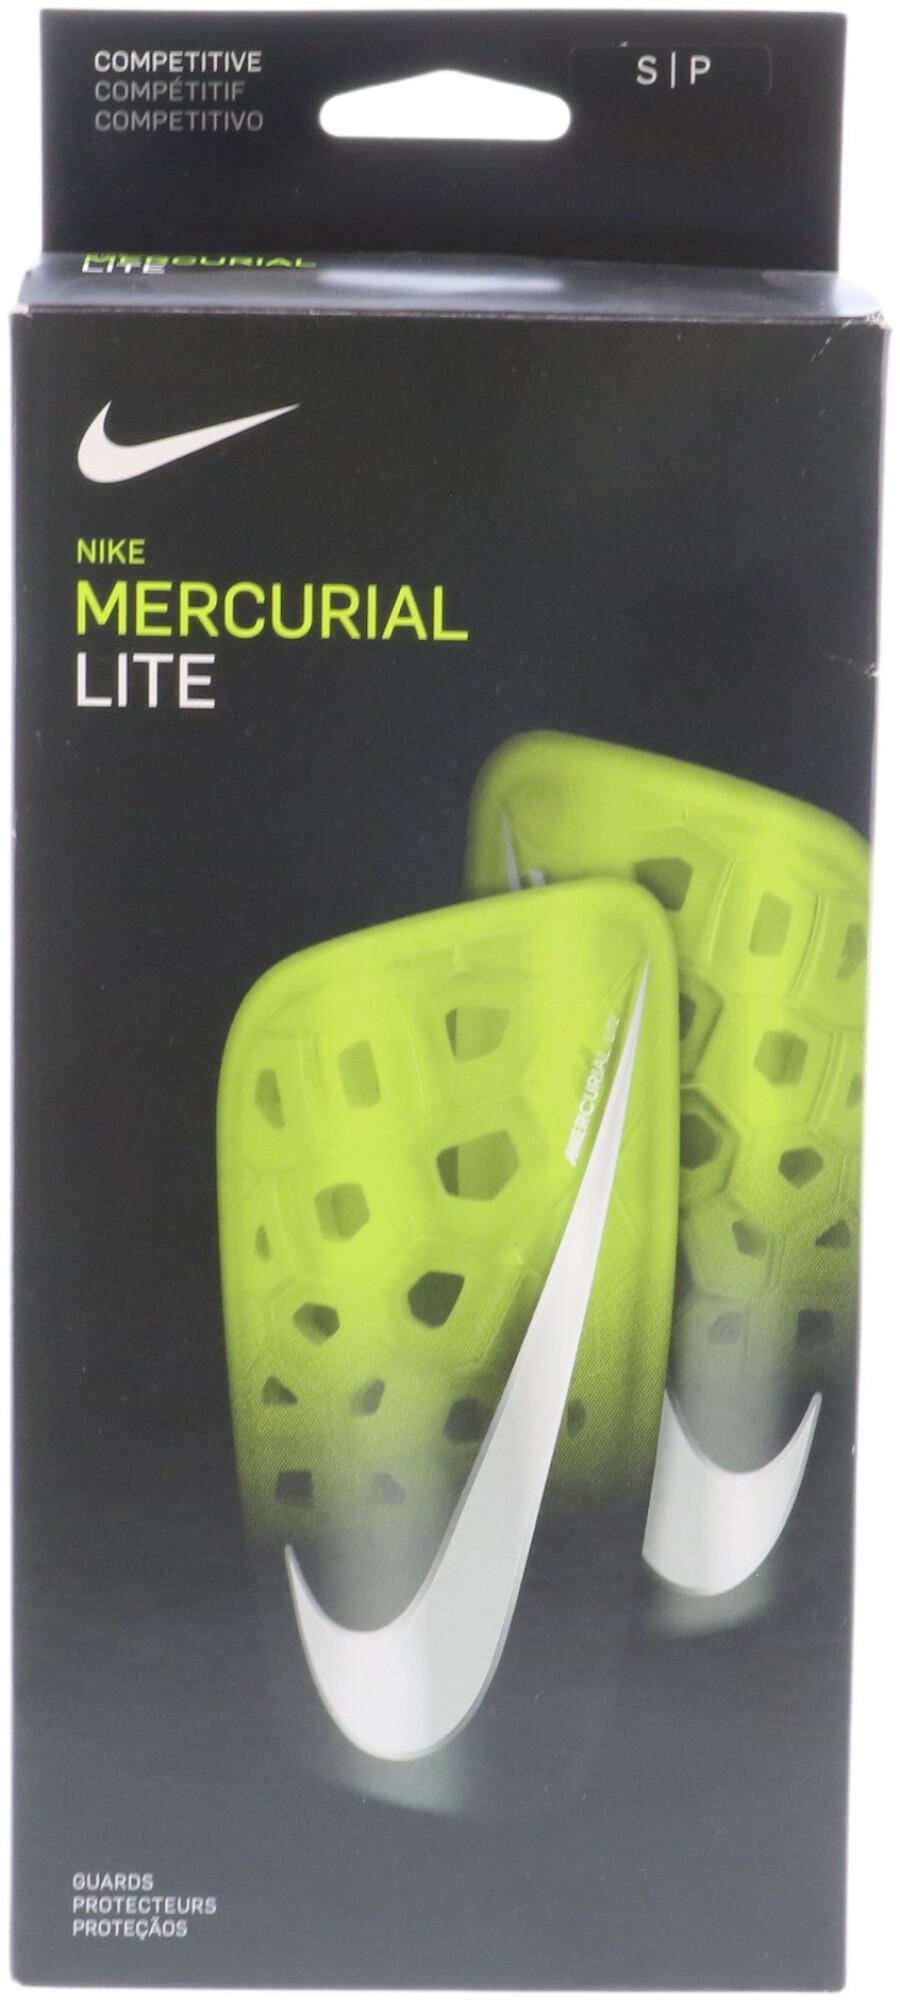 Nike Mercurial Lite Shin Guards Small Guard SP2120-702S